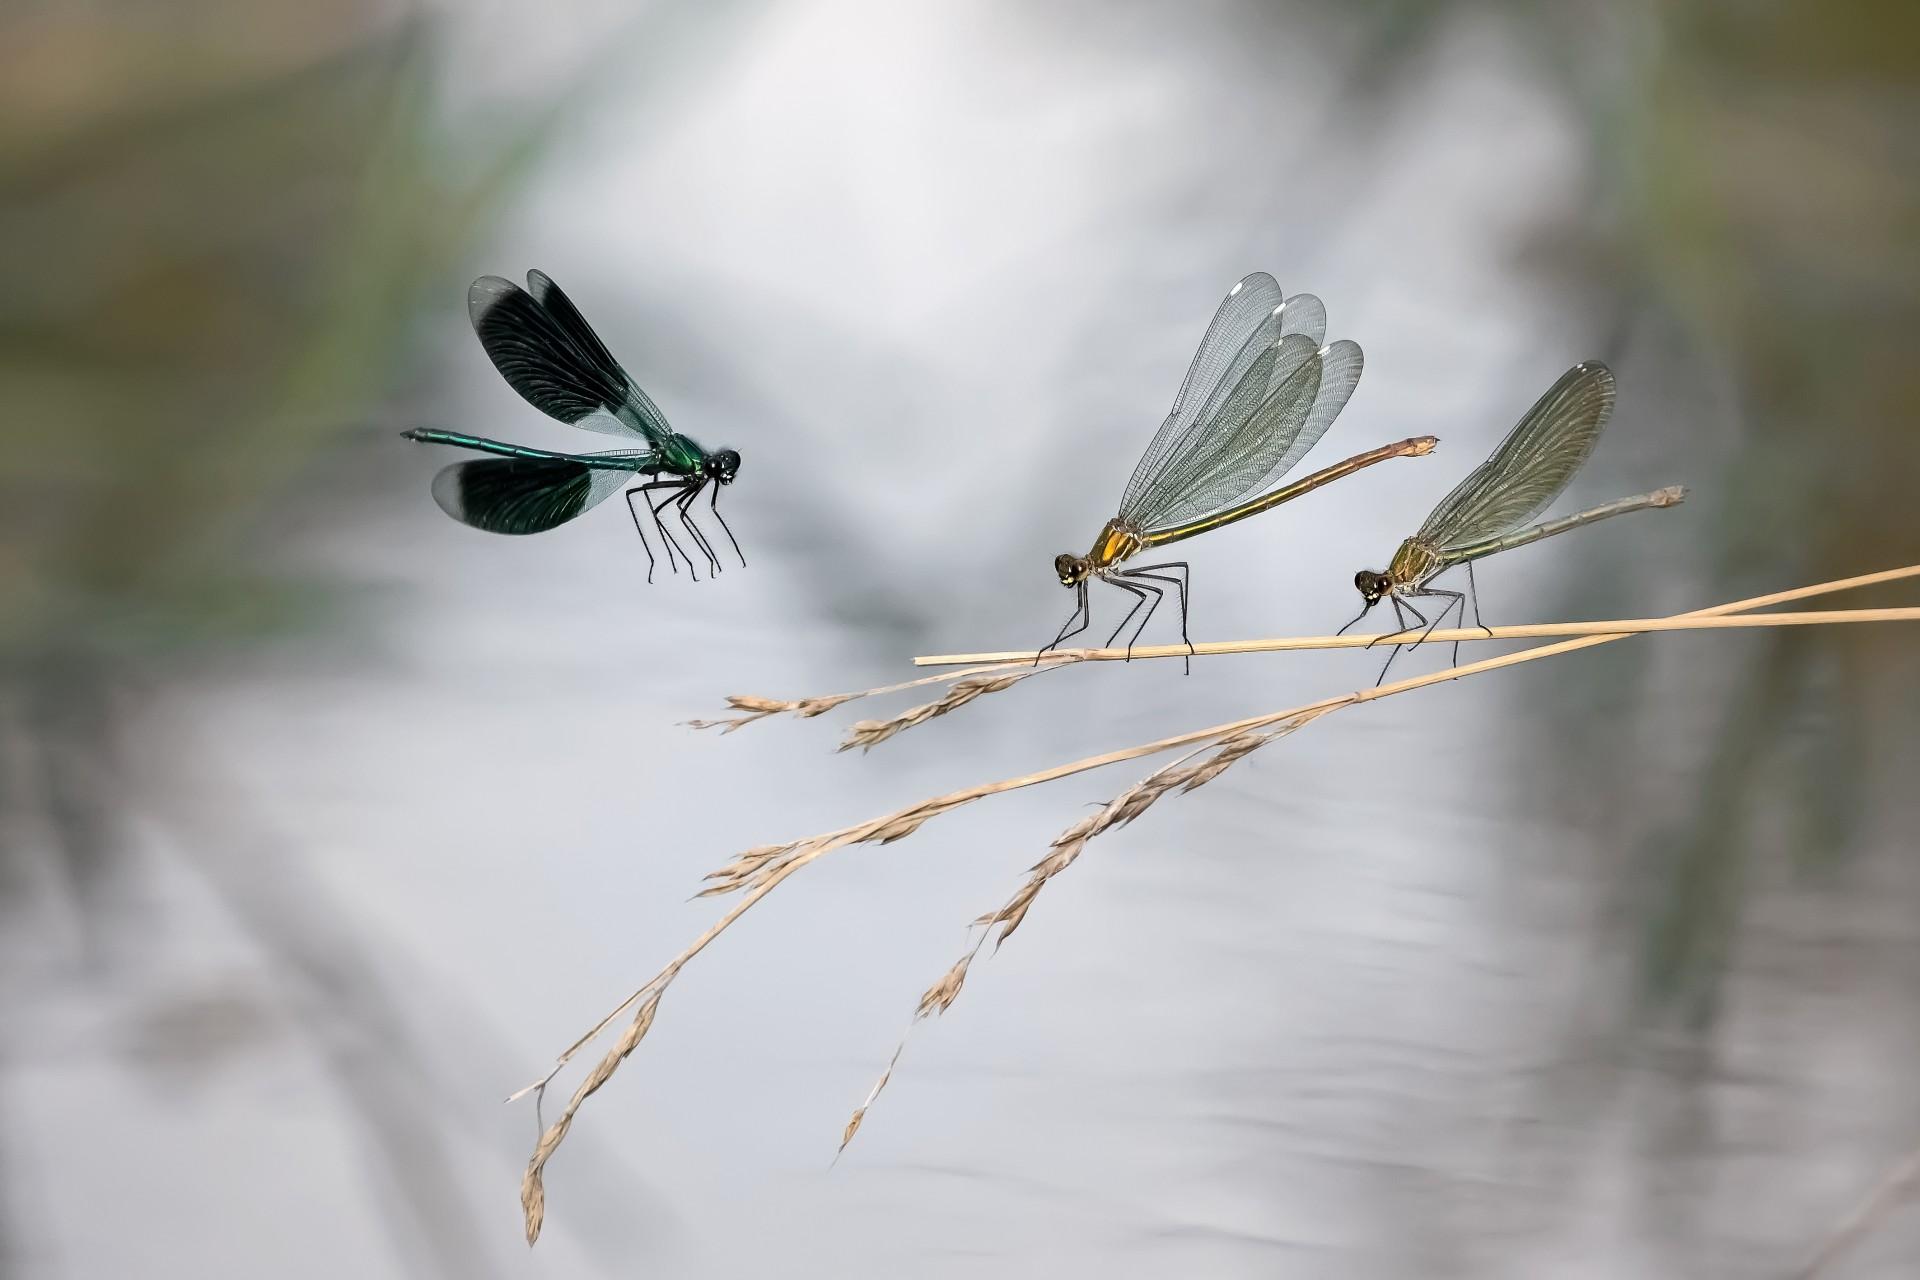 Fotó: Hencz Judit: Helló lányok<br />Kategória: Az állatok viselkedése<br />Helyezés: 3. díj<br /><br />A Sávos szitakötő hímje repül a 'hölgyek' felé, egy meleg nyári délután a Szilas-pataknál. Duna–Ipoly Nemzeti Park.